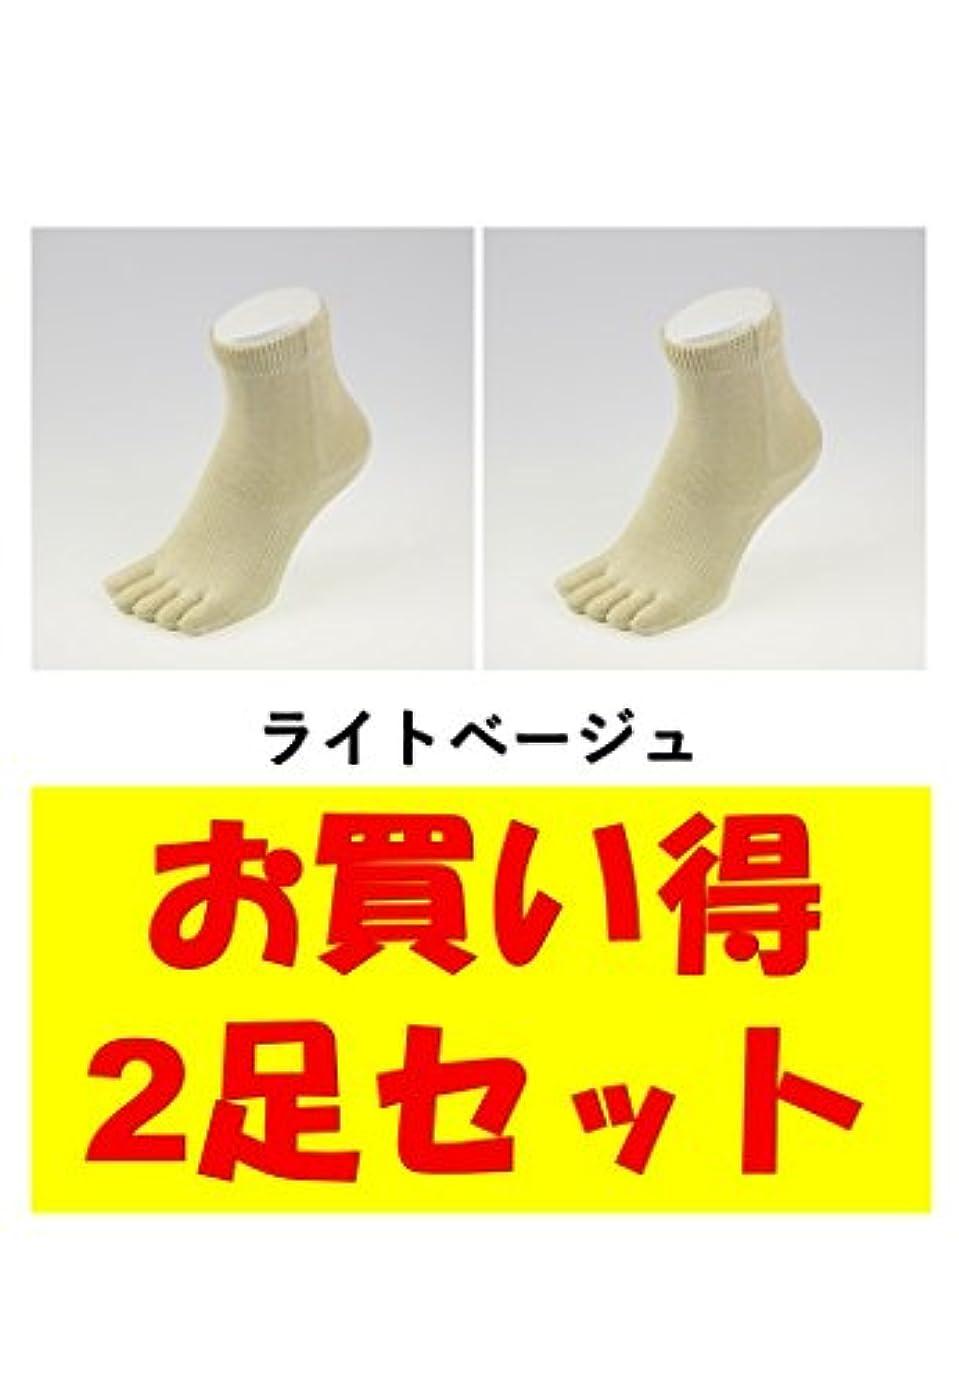 ドキュメンタリー感謝不定お買い得2足セット 5本指 ゆびのばソックス Neo EVE(イヴ) ライトベージュ iサイズ(23.5cm - 25.5cm) YSNEVE-BGE